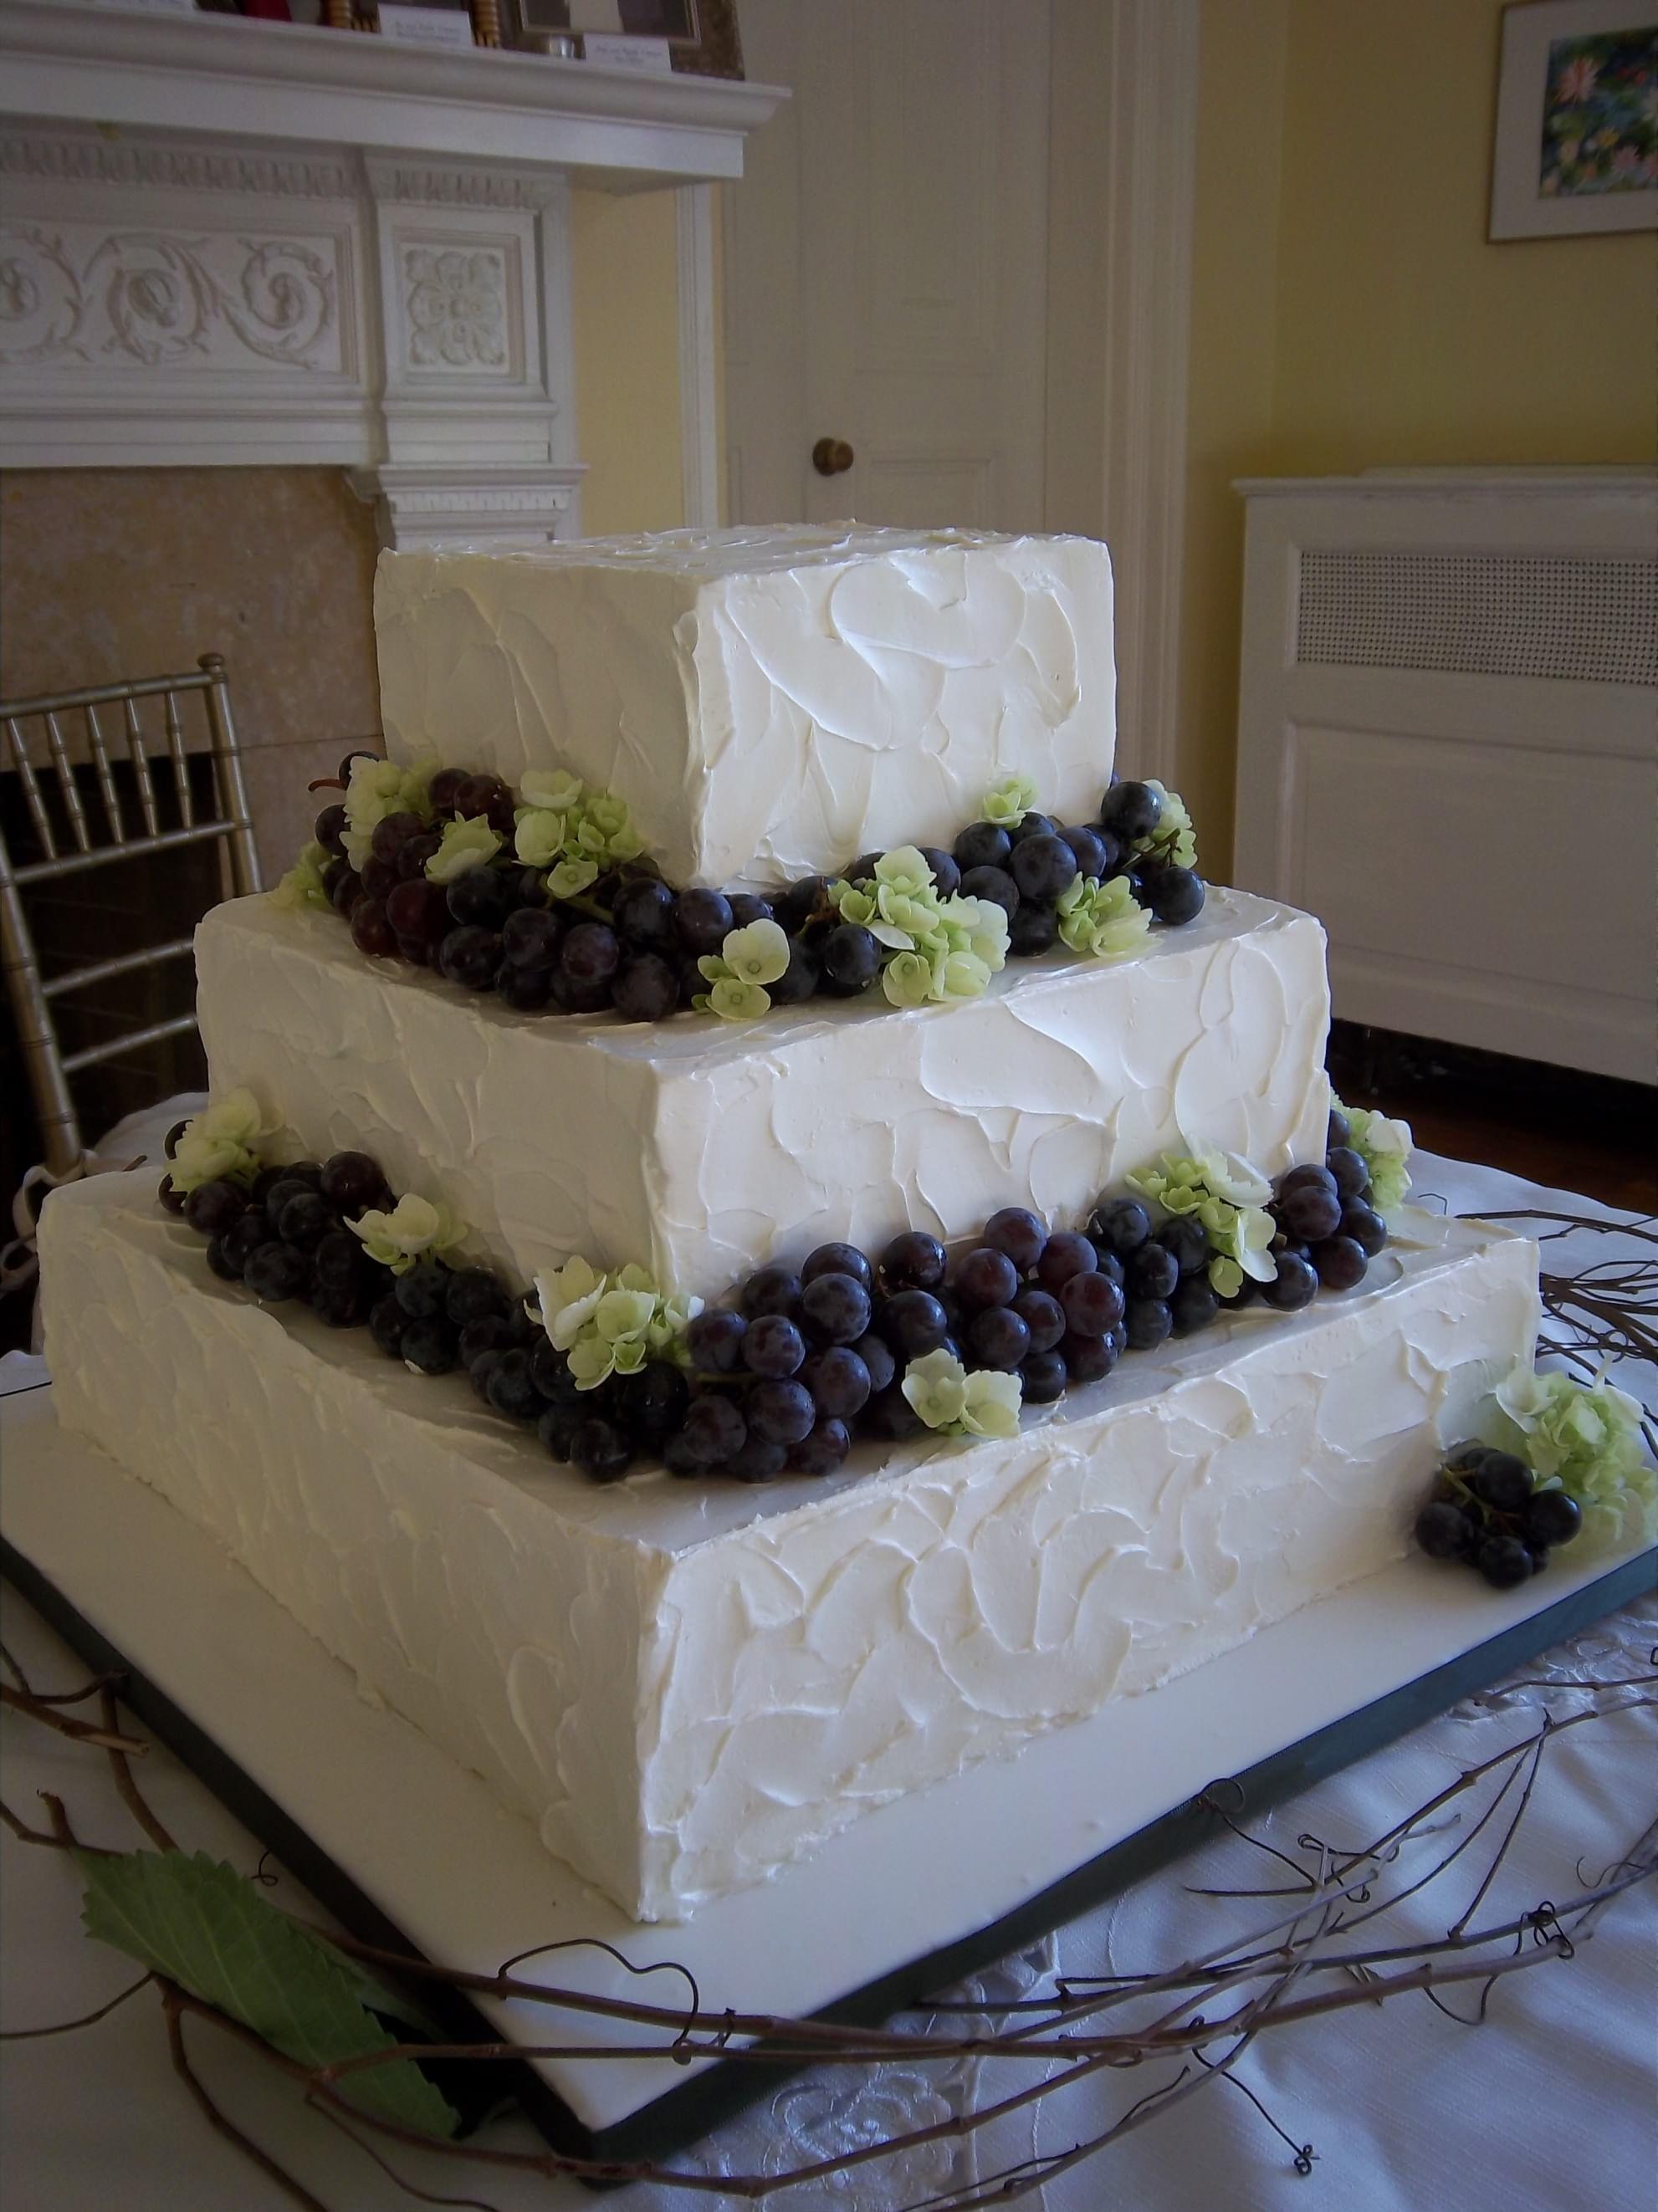 Vashon Island Baking Company wedding cake